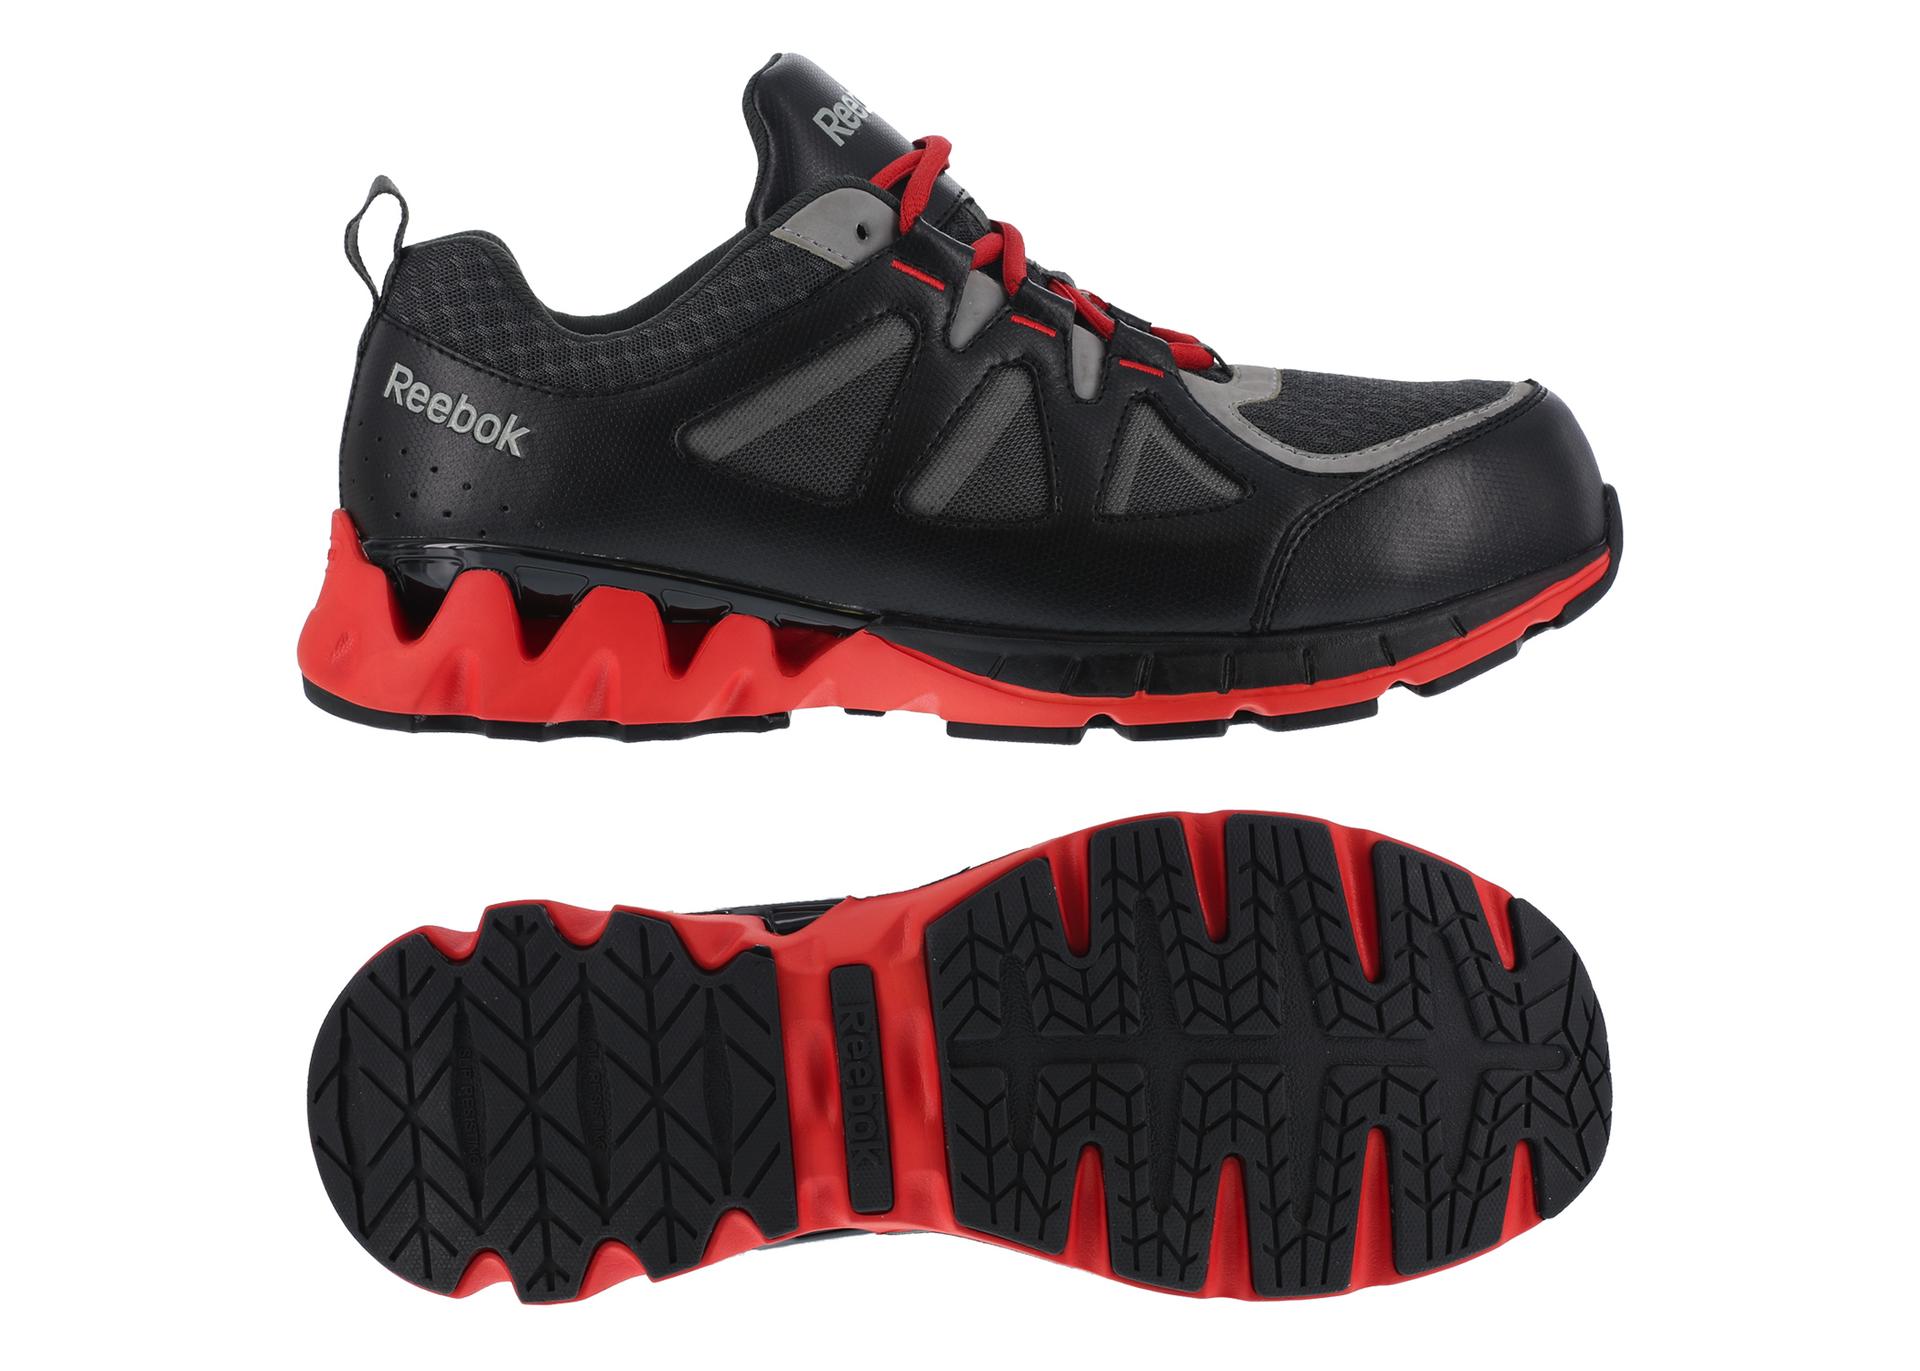 ZigKick Work Footwear From: Reebok Work